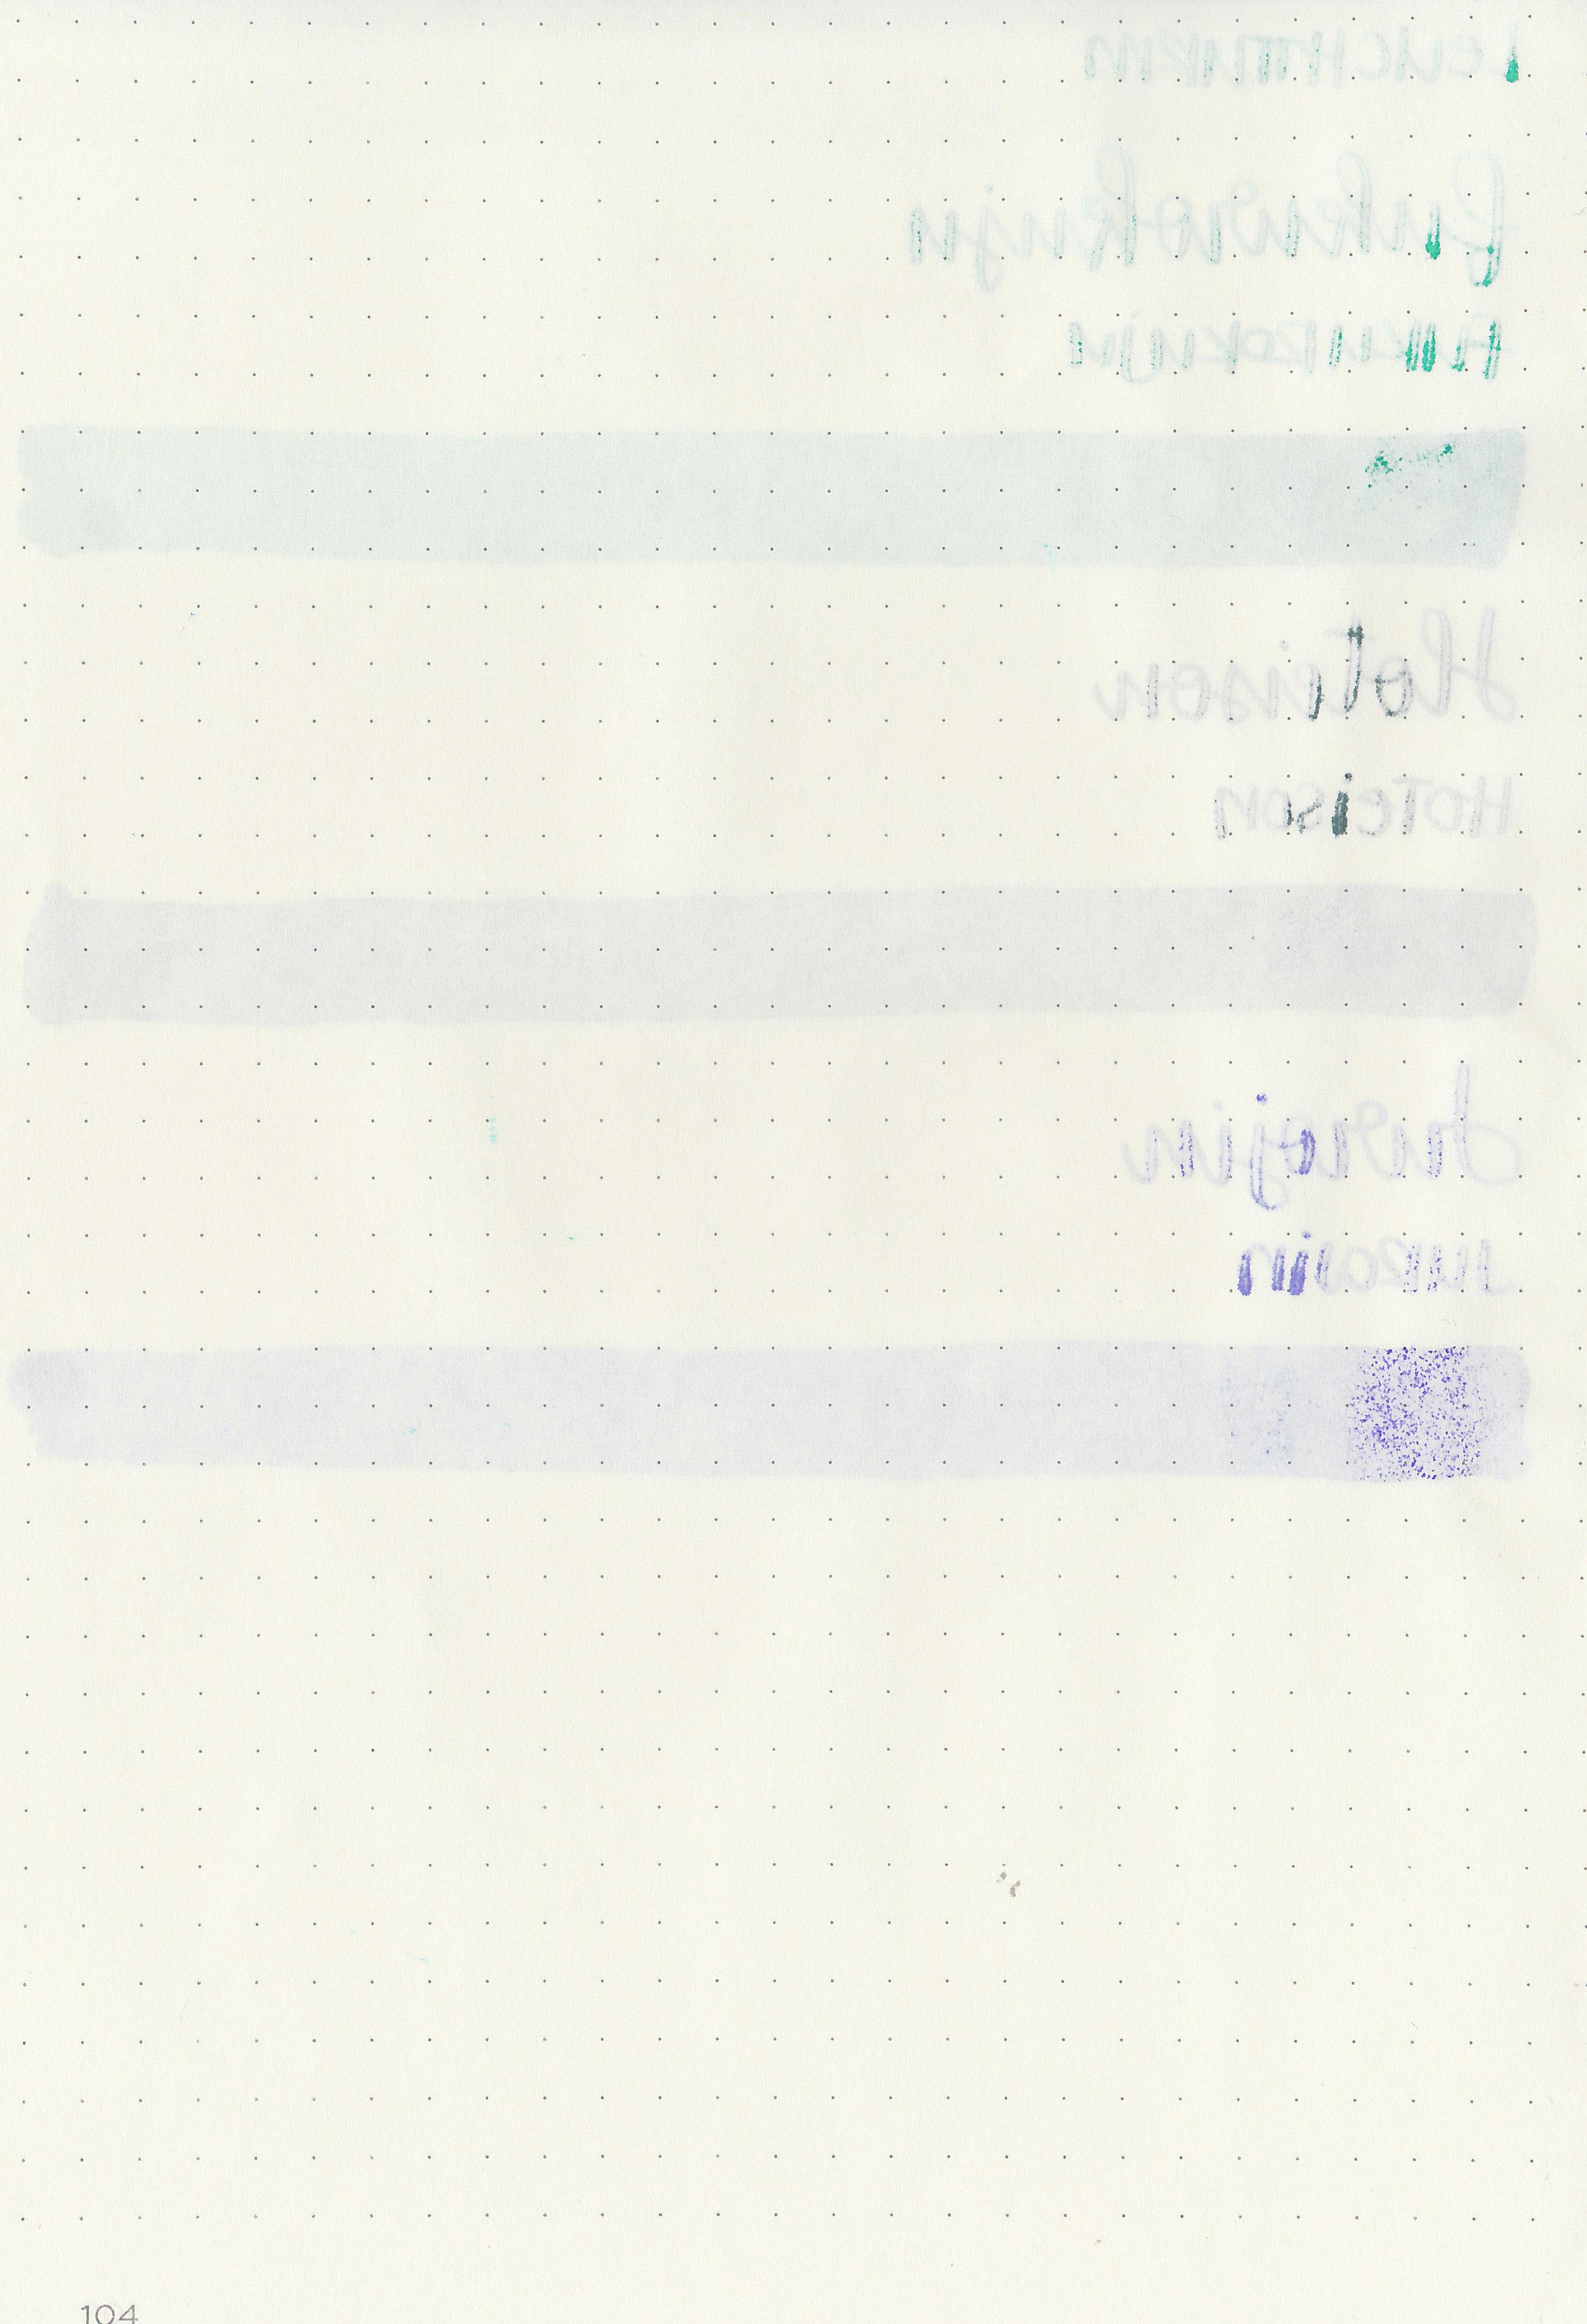 pi-100-anniv-2-11.jpg